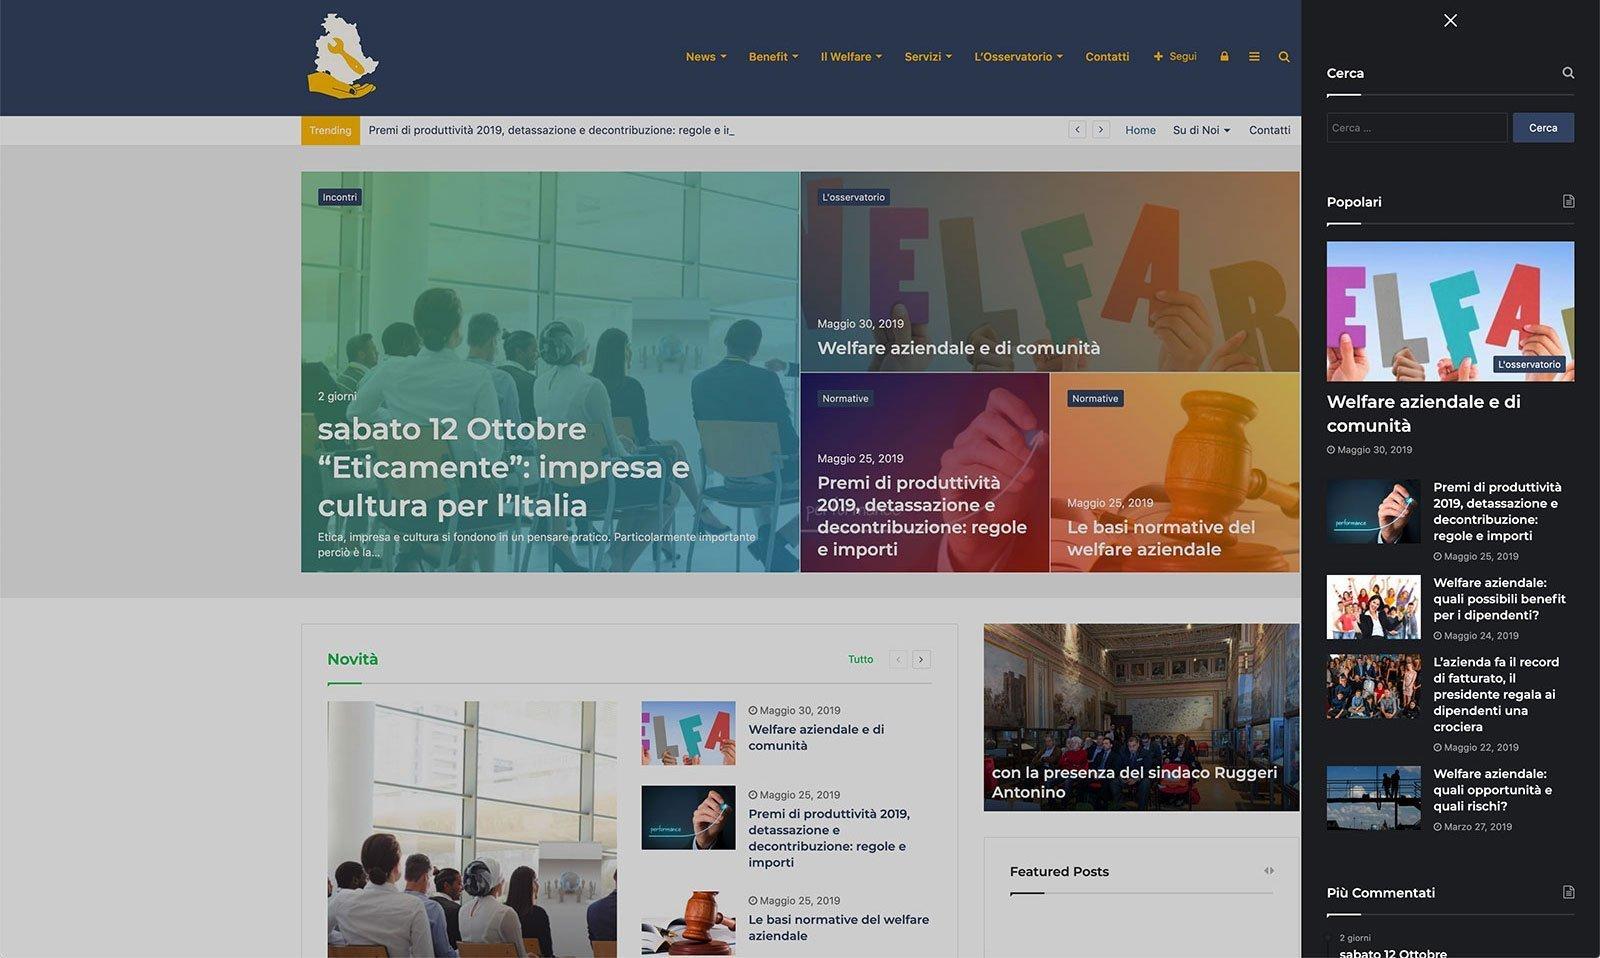 UpYourBrand - Sviluppo Sito Web - Welfare Aziendale - Menu Sx